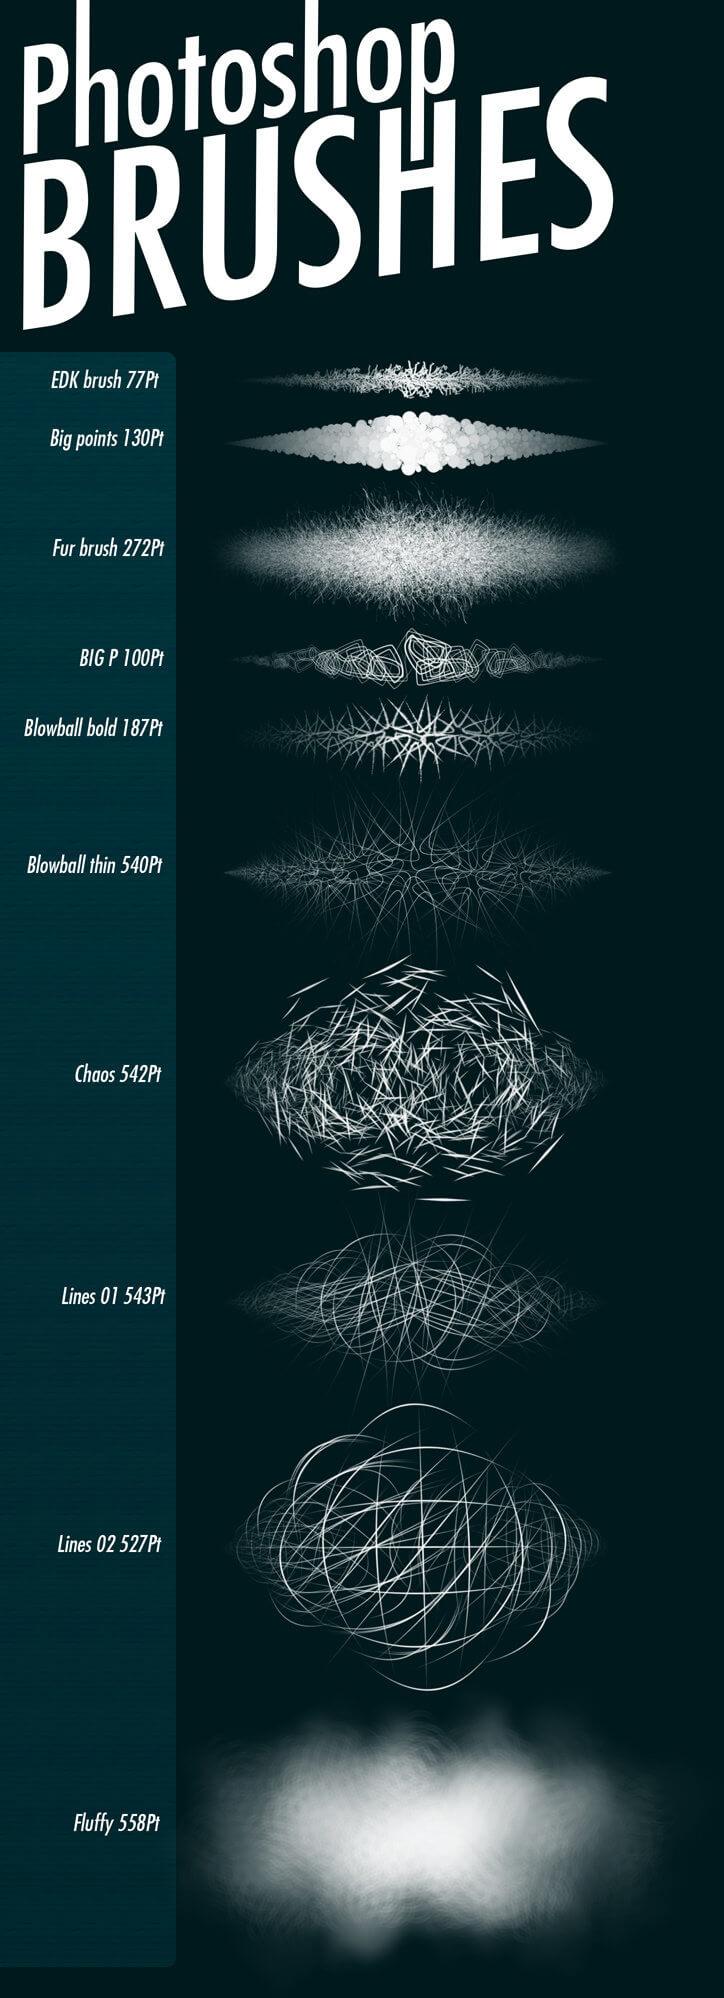 10种高清纹理效果PS笔刷素材下载 纹理笔刷 材质笔刷  background brushes